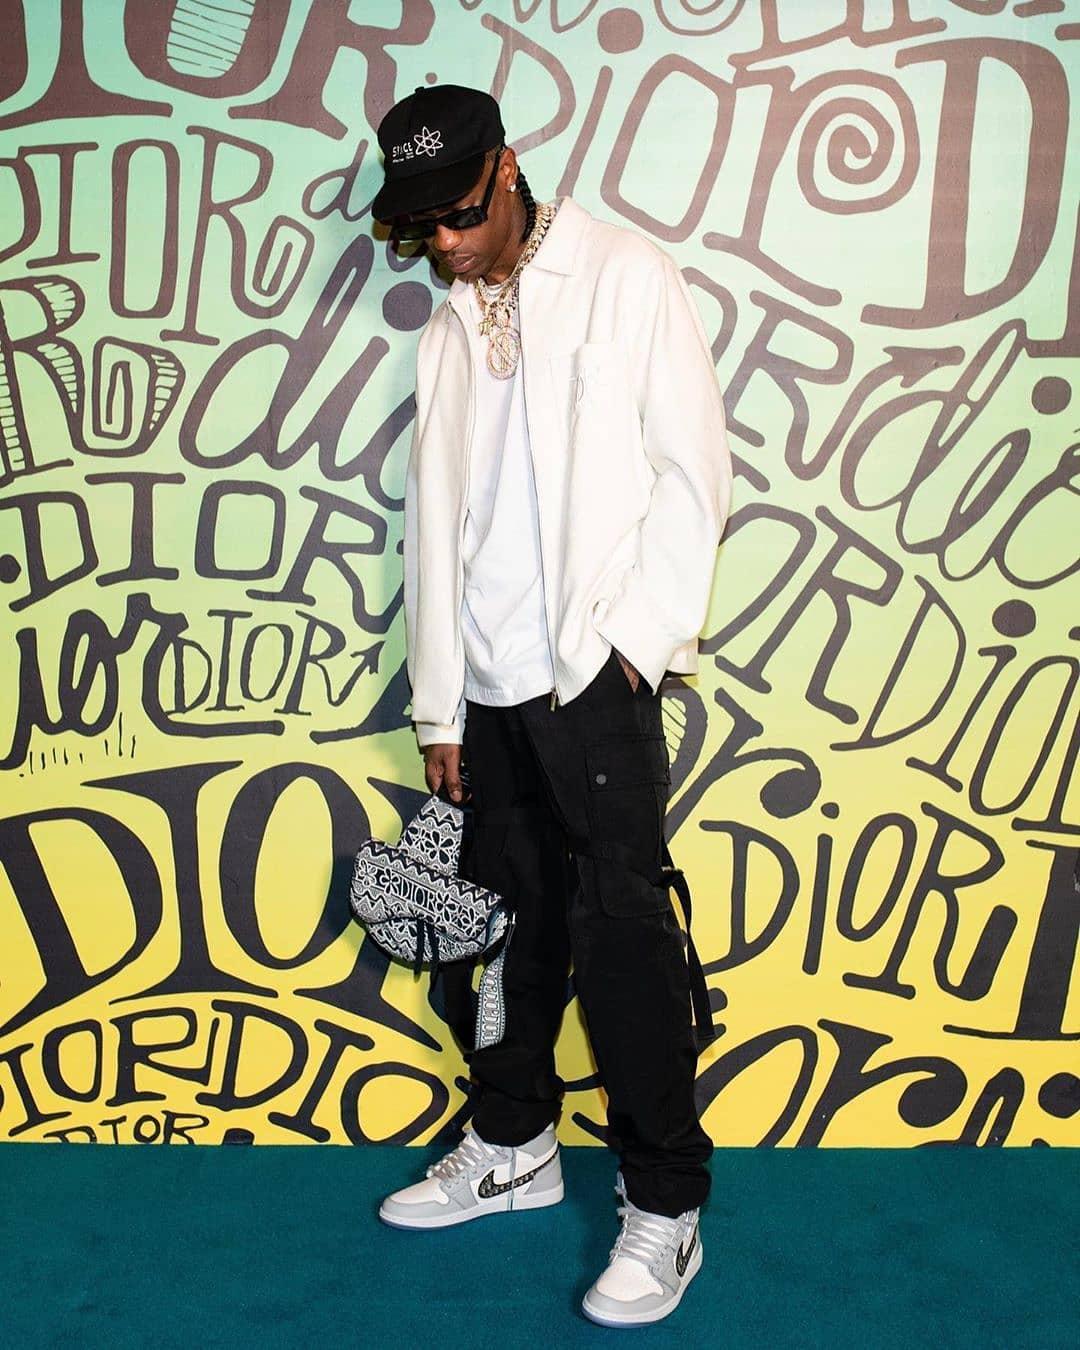 Shawn Stussy,Dior,B23, 街头教父的最新力作!Shawn Stussy x Dior B23 联名款首度曝光!